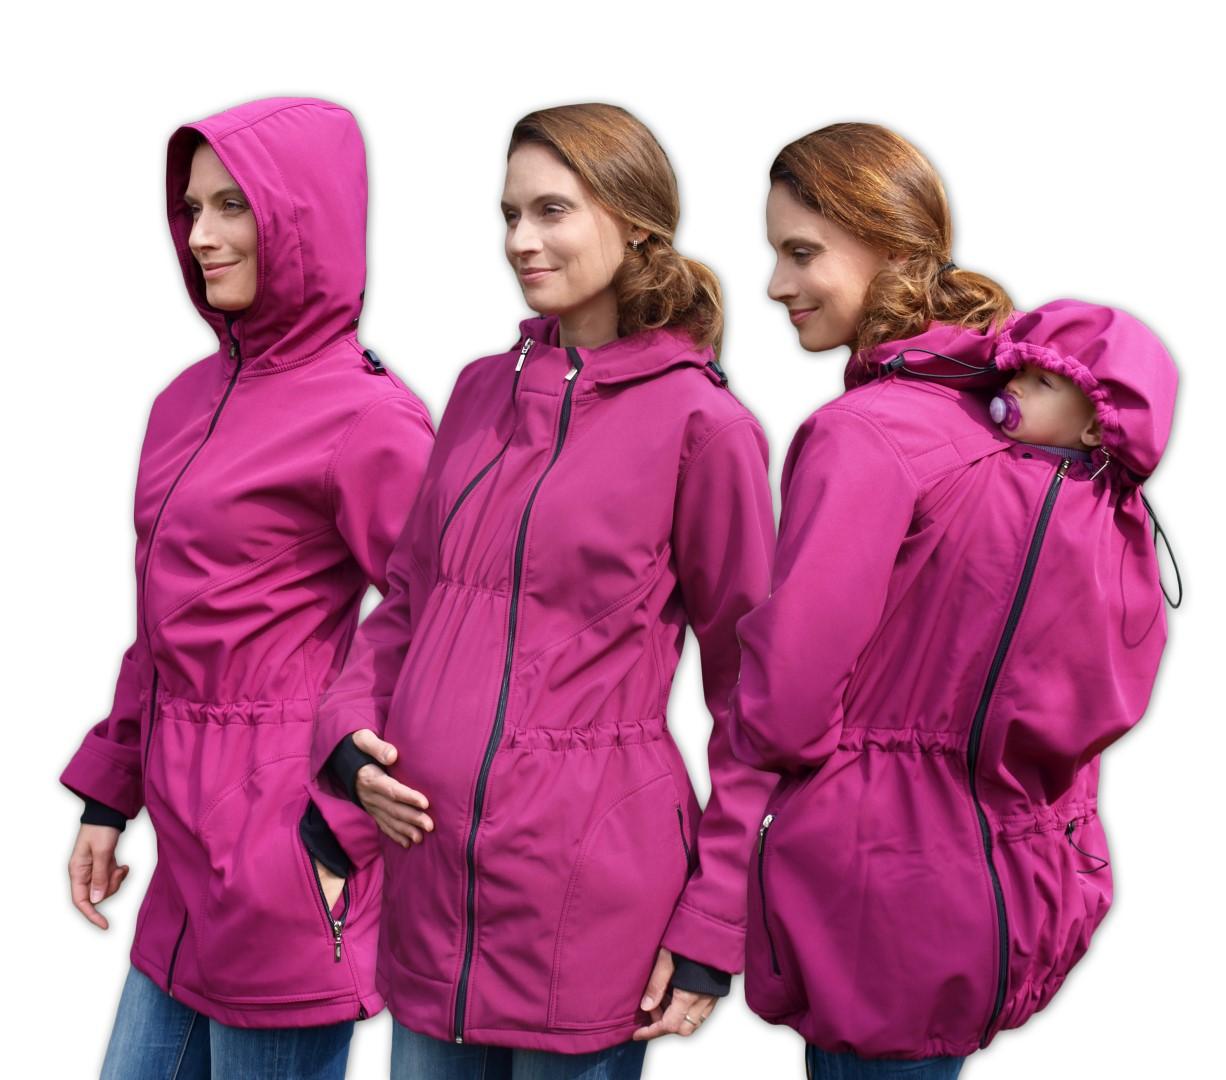 Softshellová těhotenská a nosící bunda Alice 2, antracitová (tmavě šedivá)